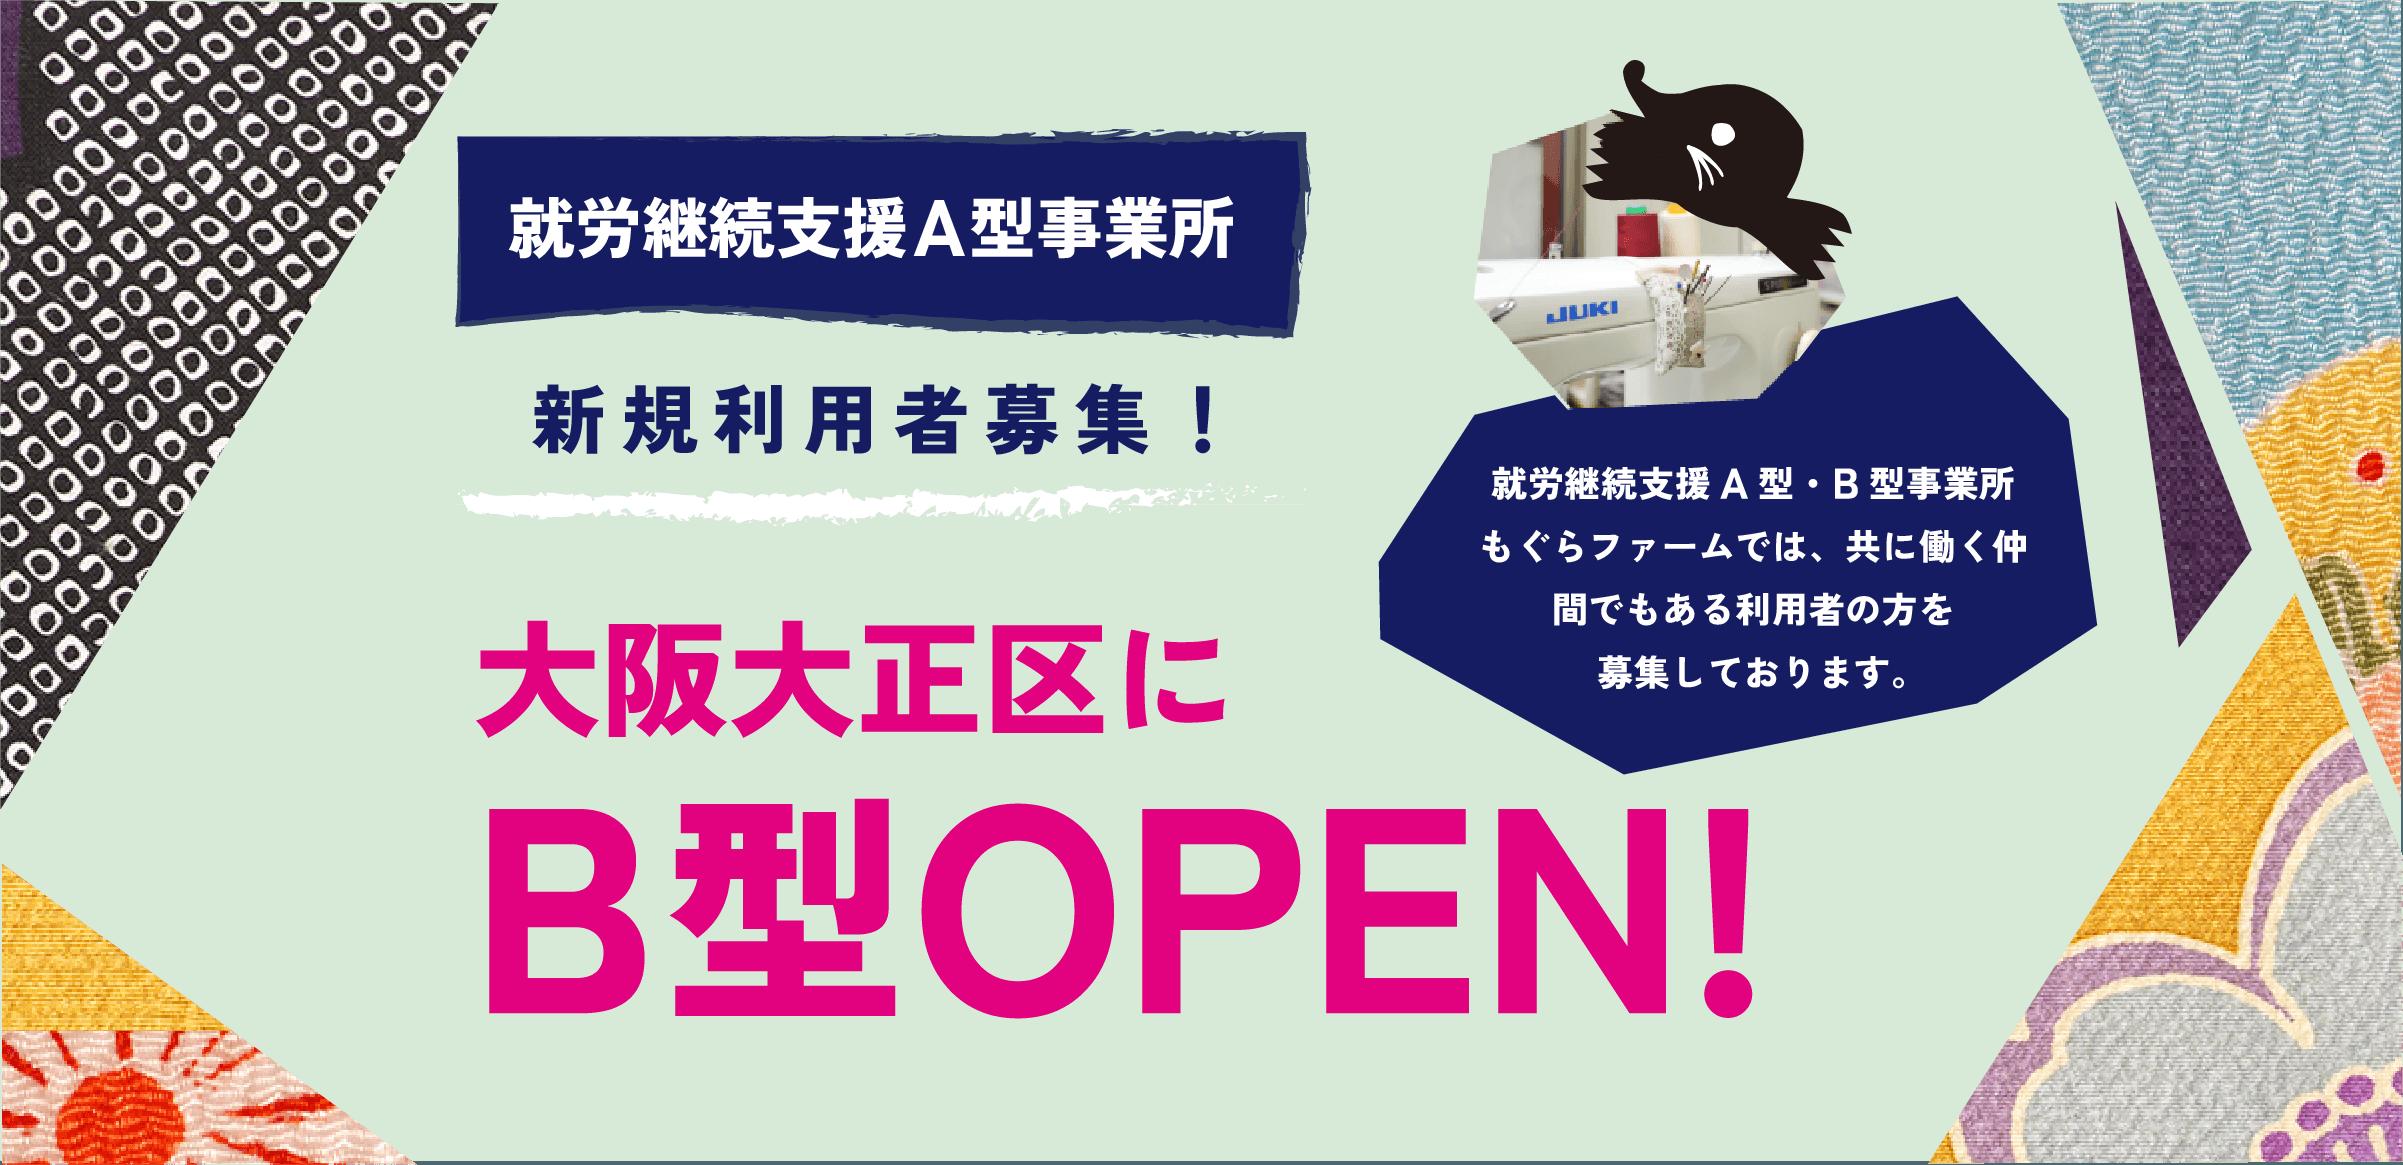 大阪大正区にB型オープン